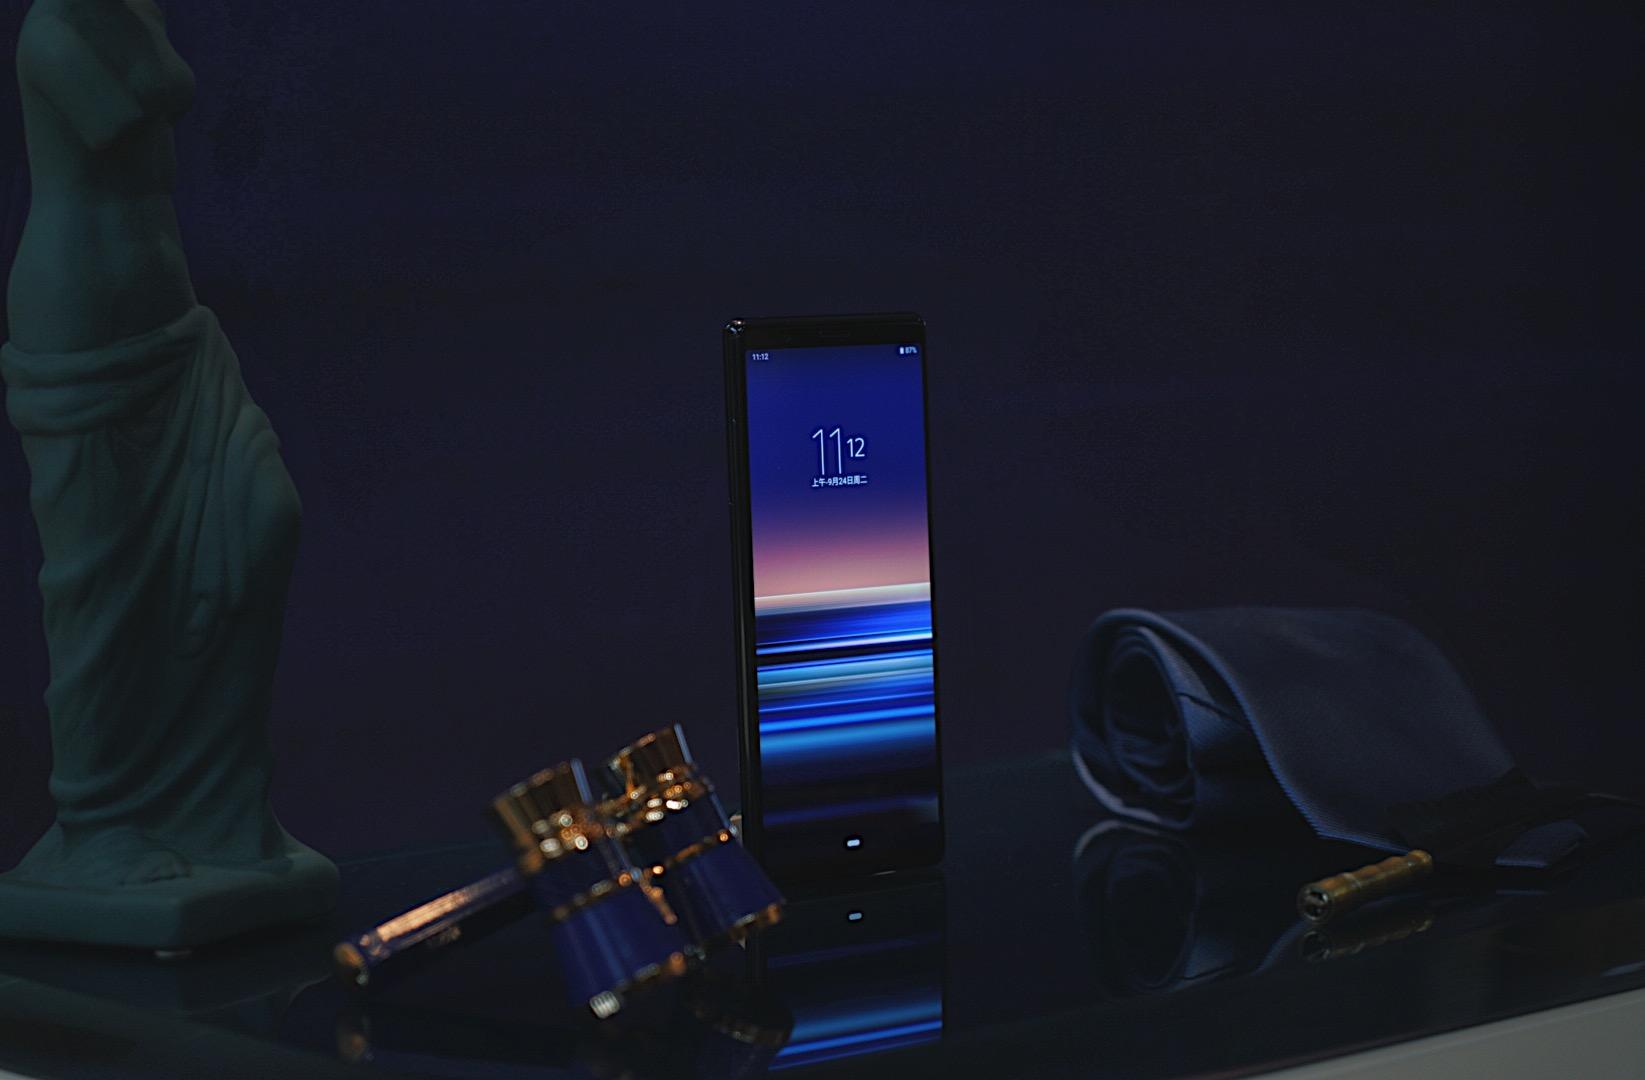 黑科技赋能娱乐手机 索尼 Xperia 5 惊艳登场